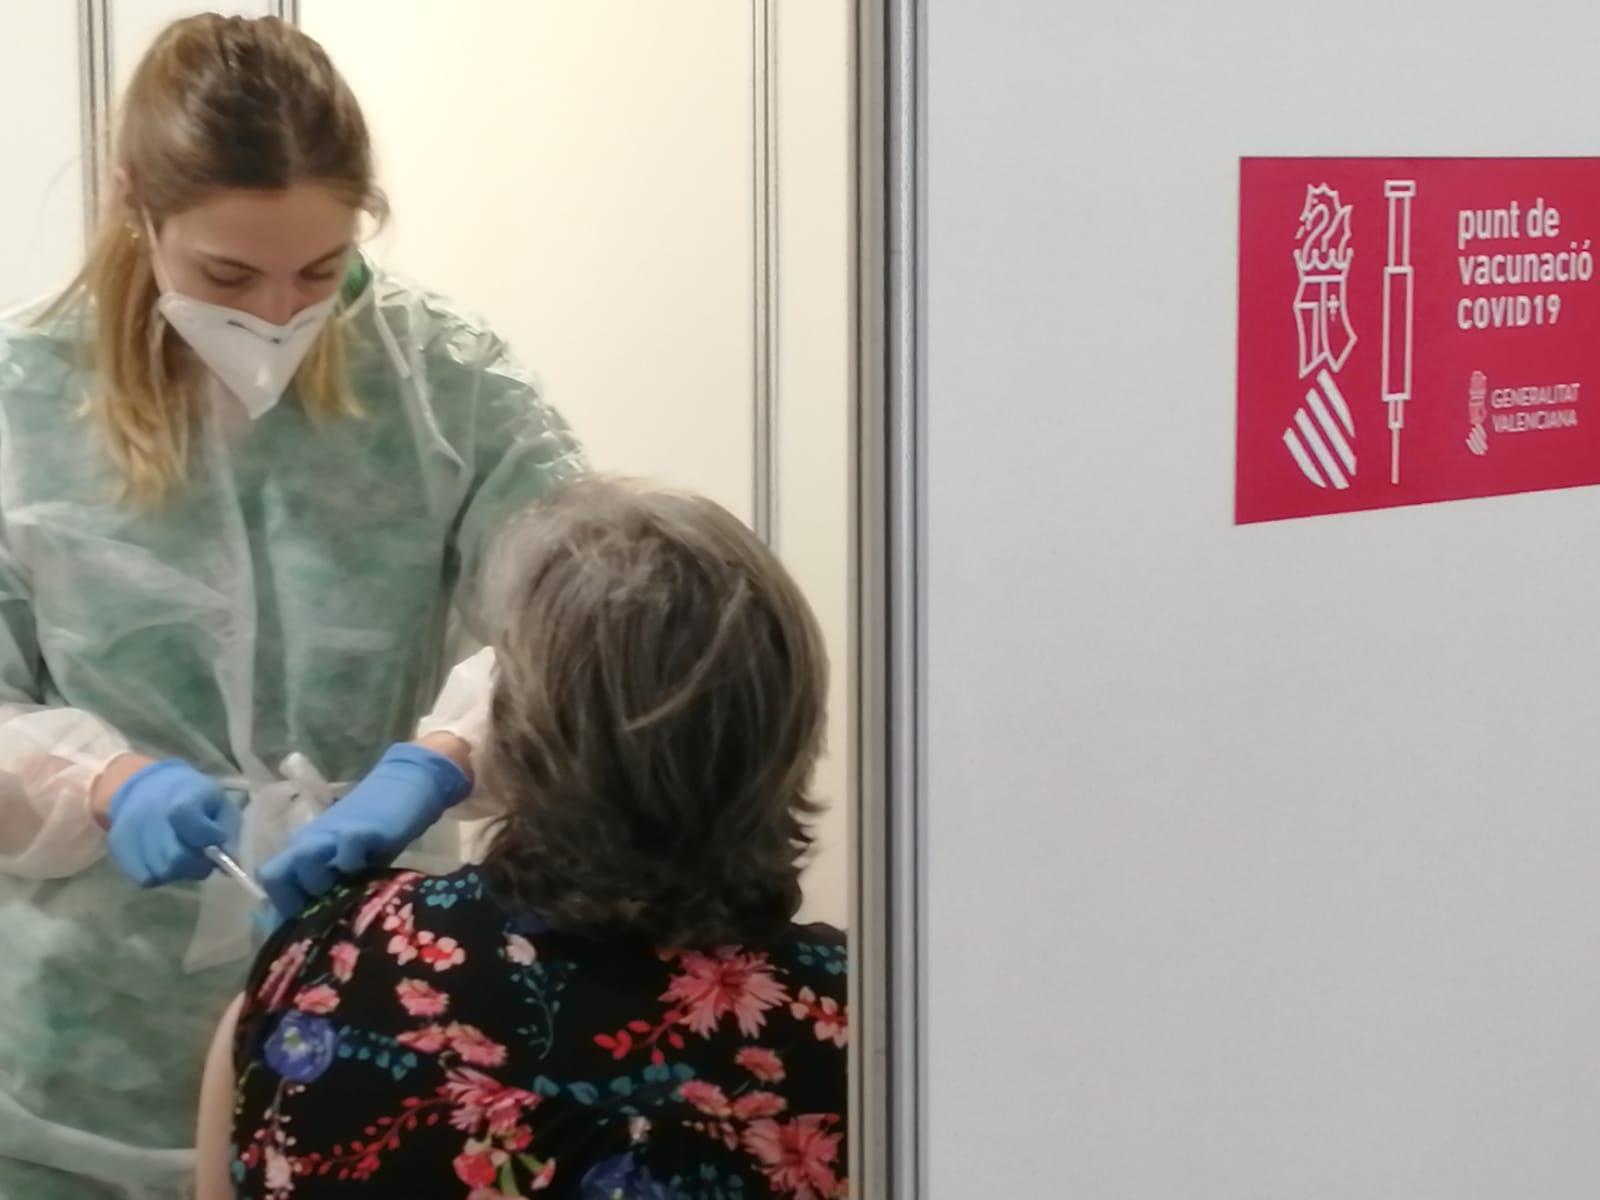 imagen de una enfermera cin mascarilla vacunando a una persona de espaldas y el logo del vox de la Generalitat Valenciana